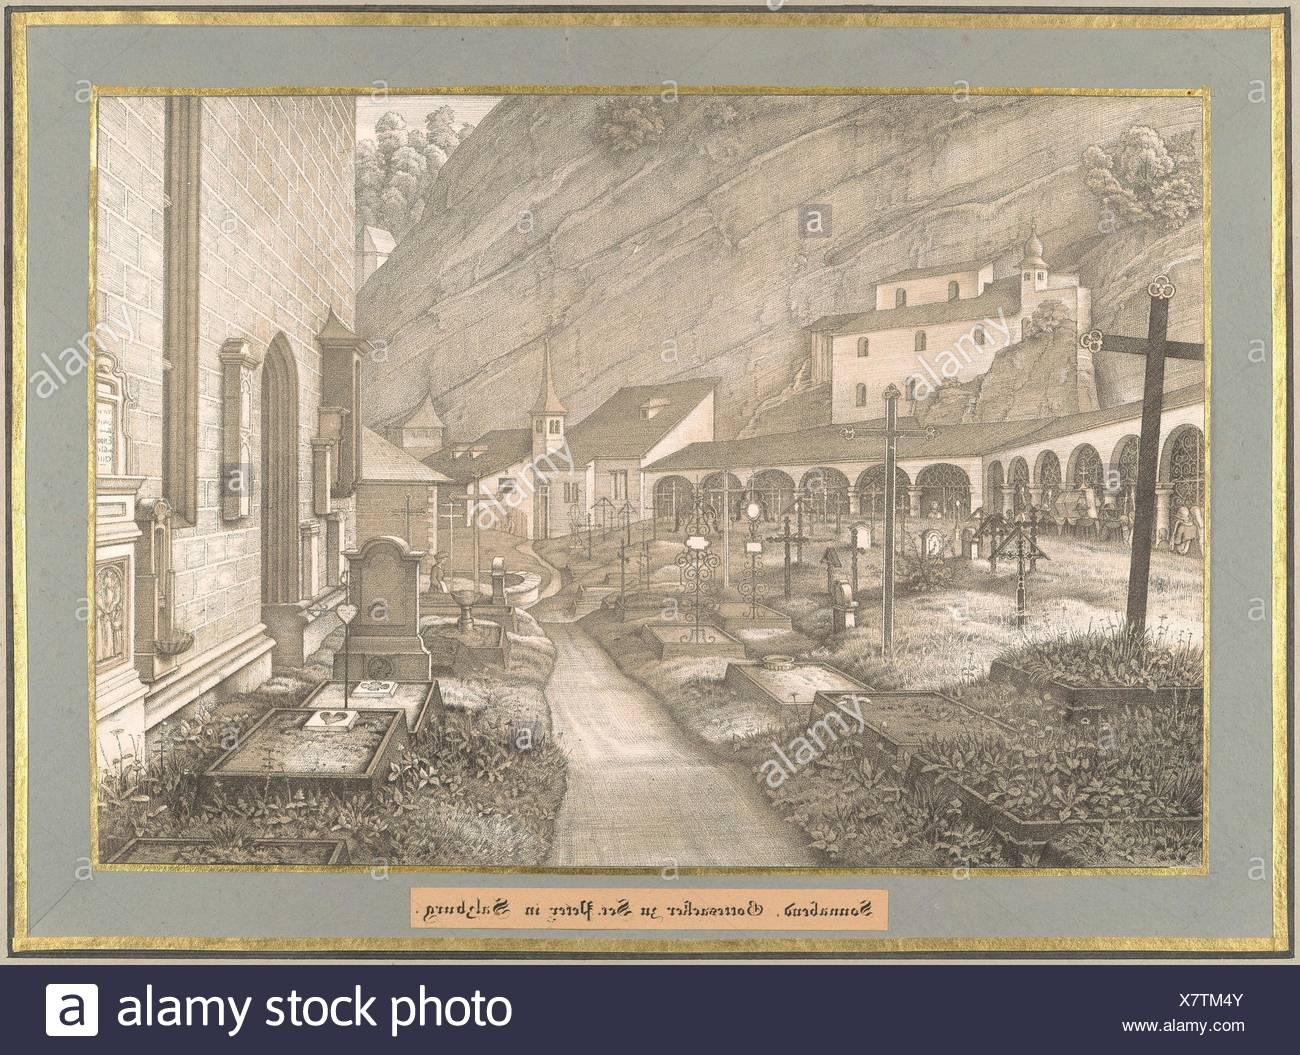 Sonnabend from Sieben Gegenden aus Salzburg und Berchtesgaden Geordnet nach den sieben Tagen der Woche, verbunden durch zwey allegorische Blätter - Stock Image